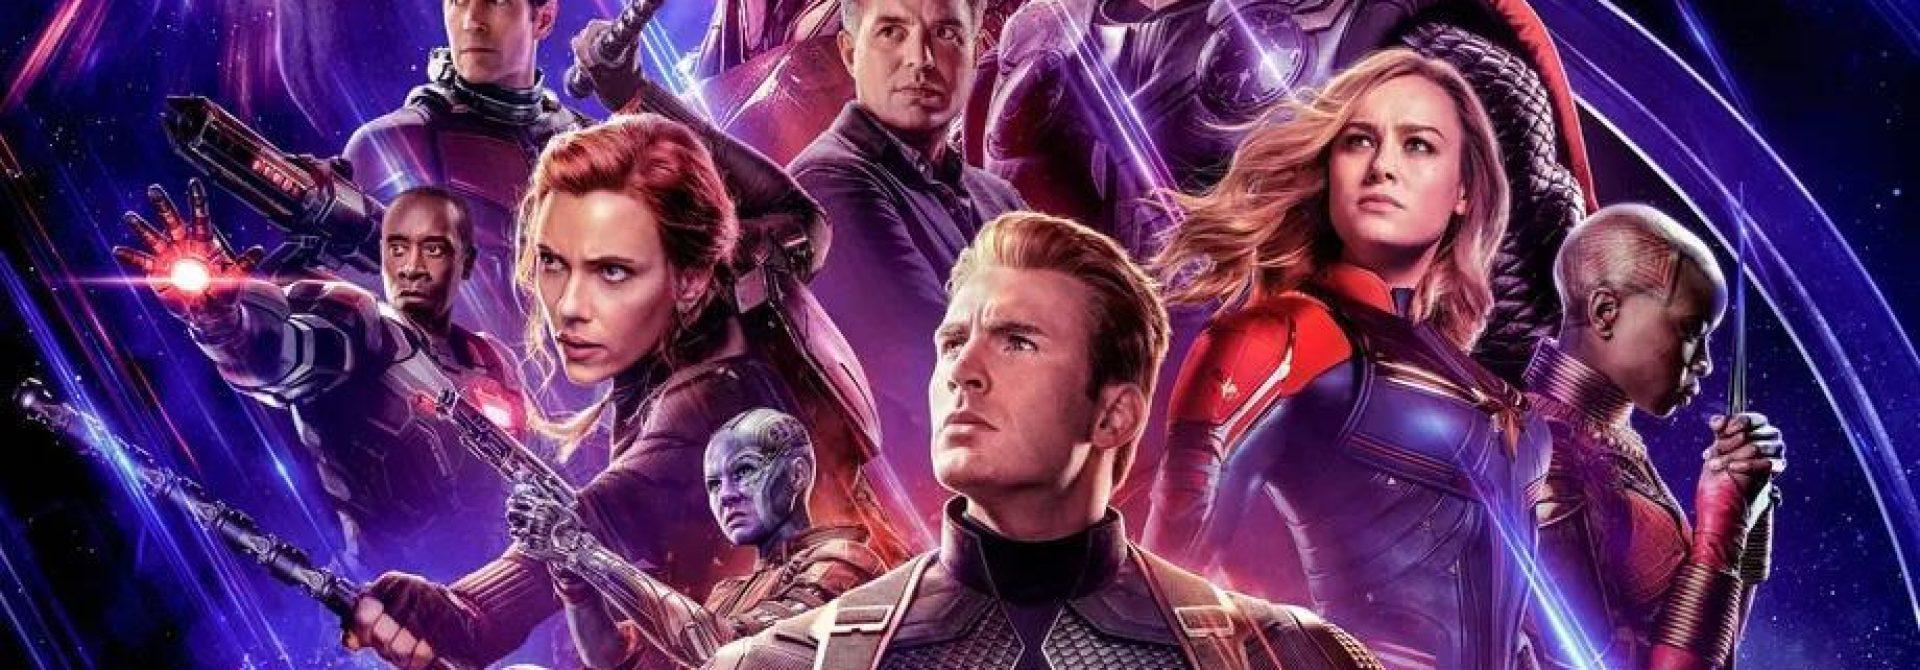 Avengers Endgame: The End Trailer